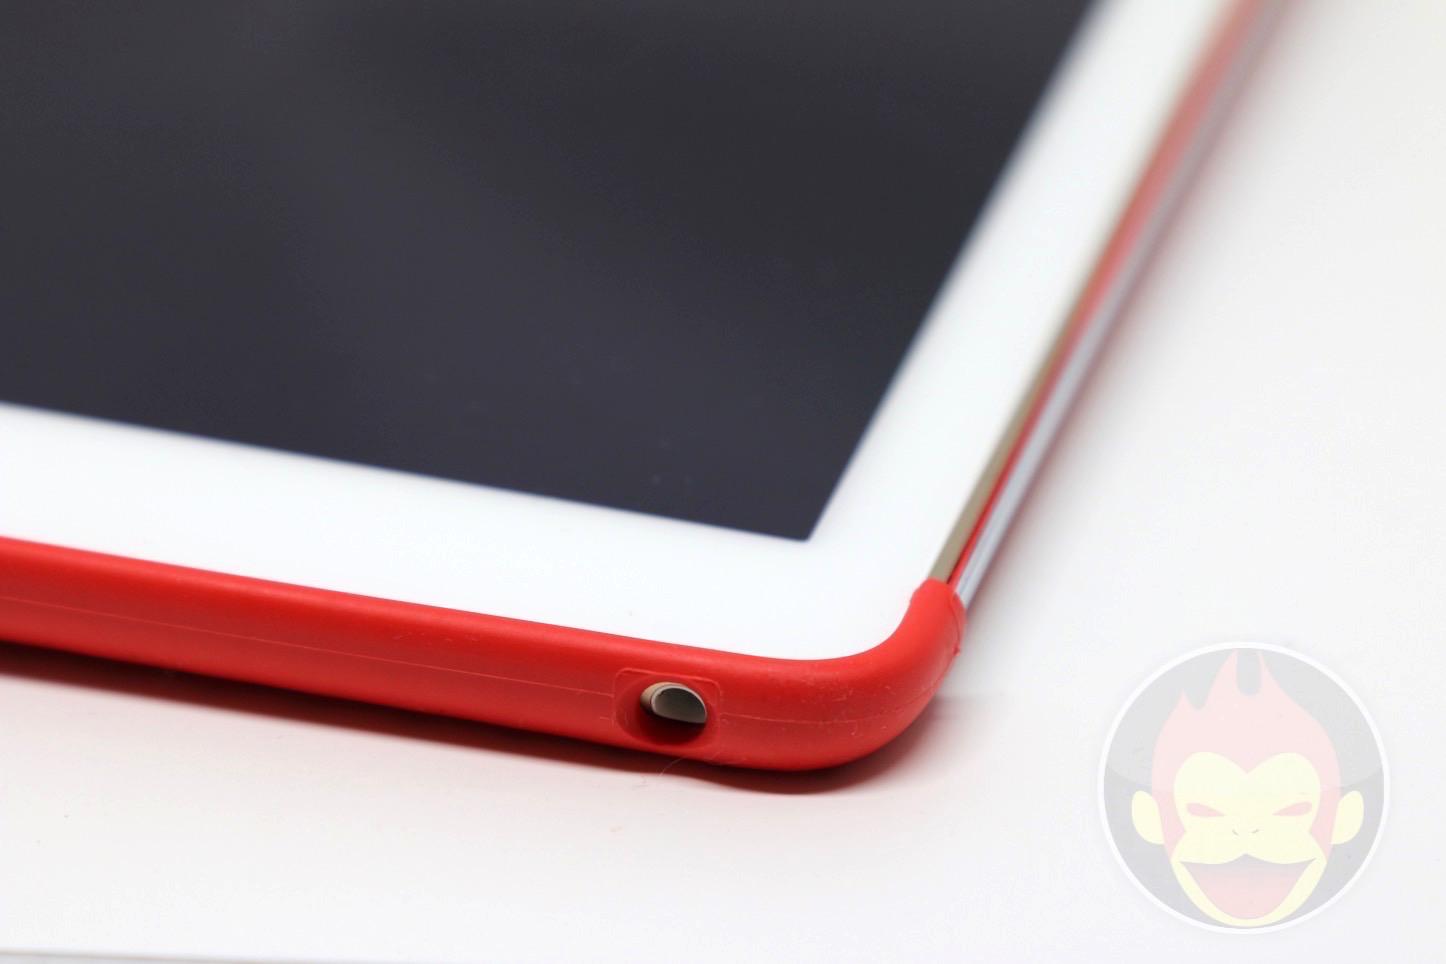 AndMesh-Mesh-Case-for-iPad-Air-2-08.JPG